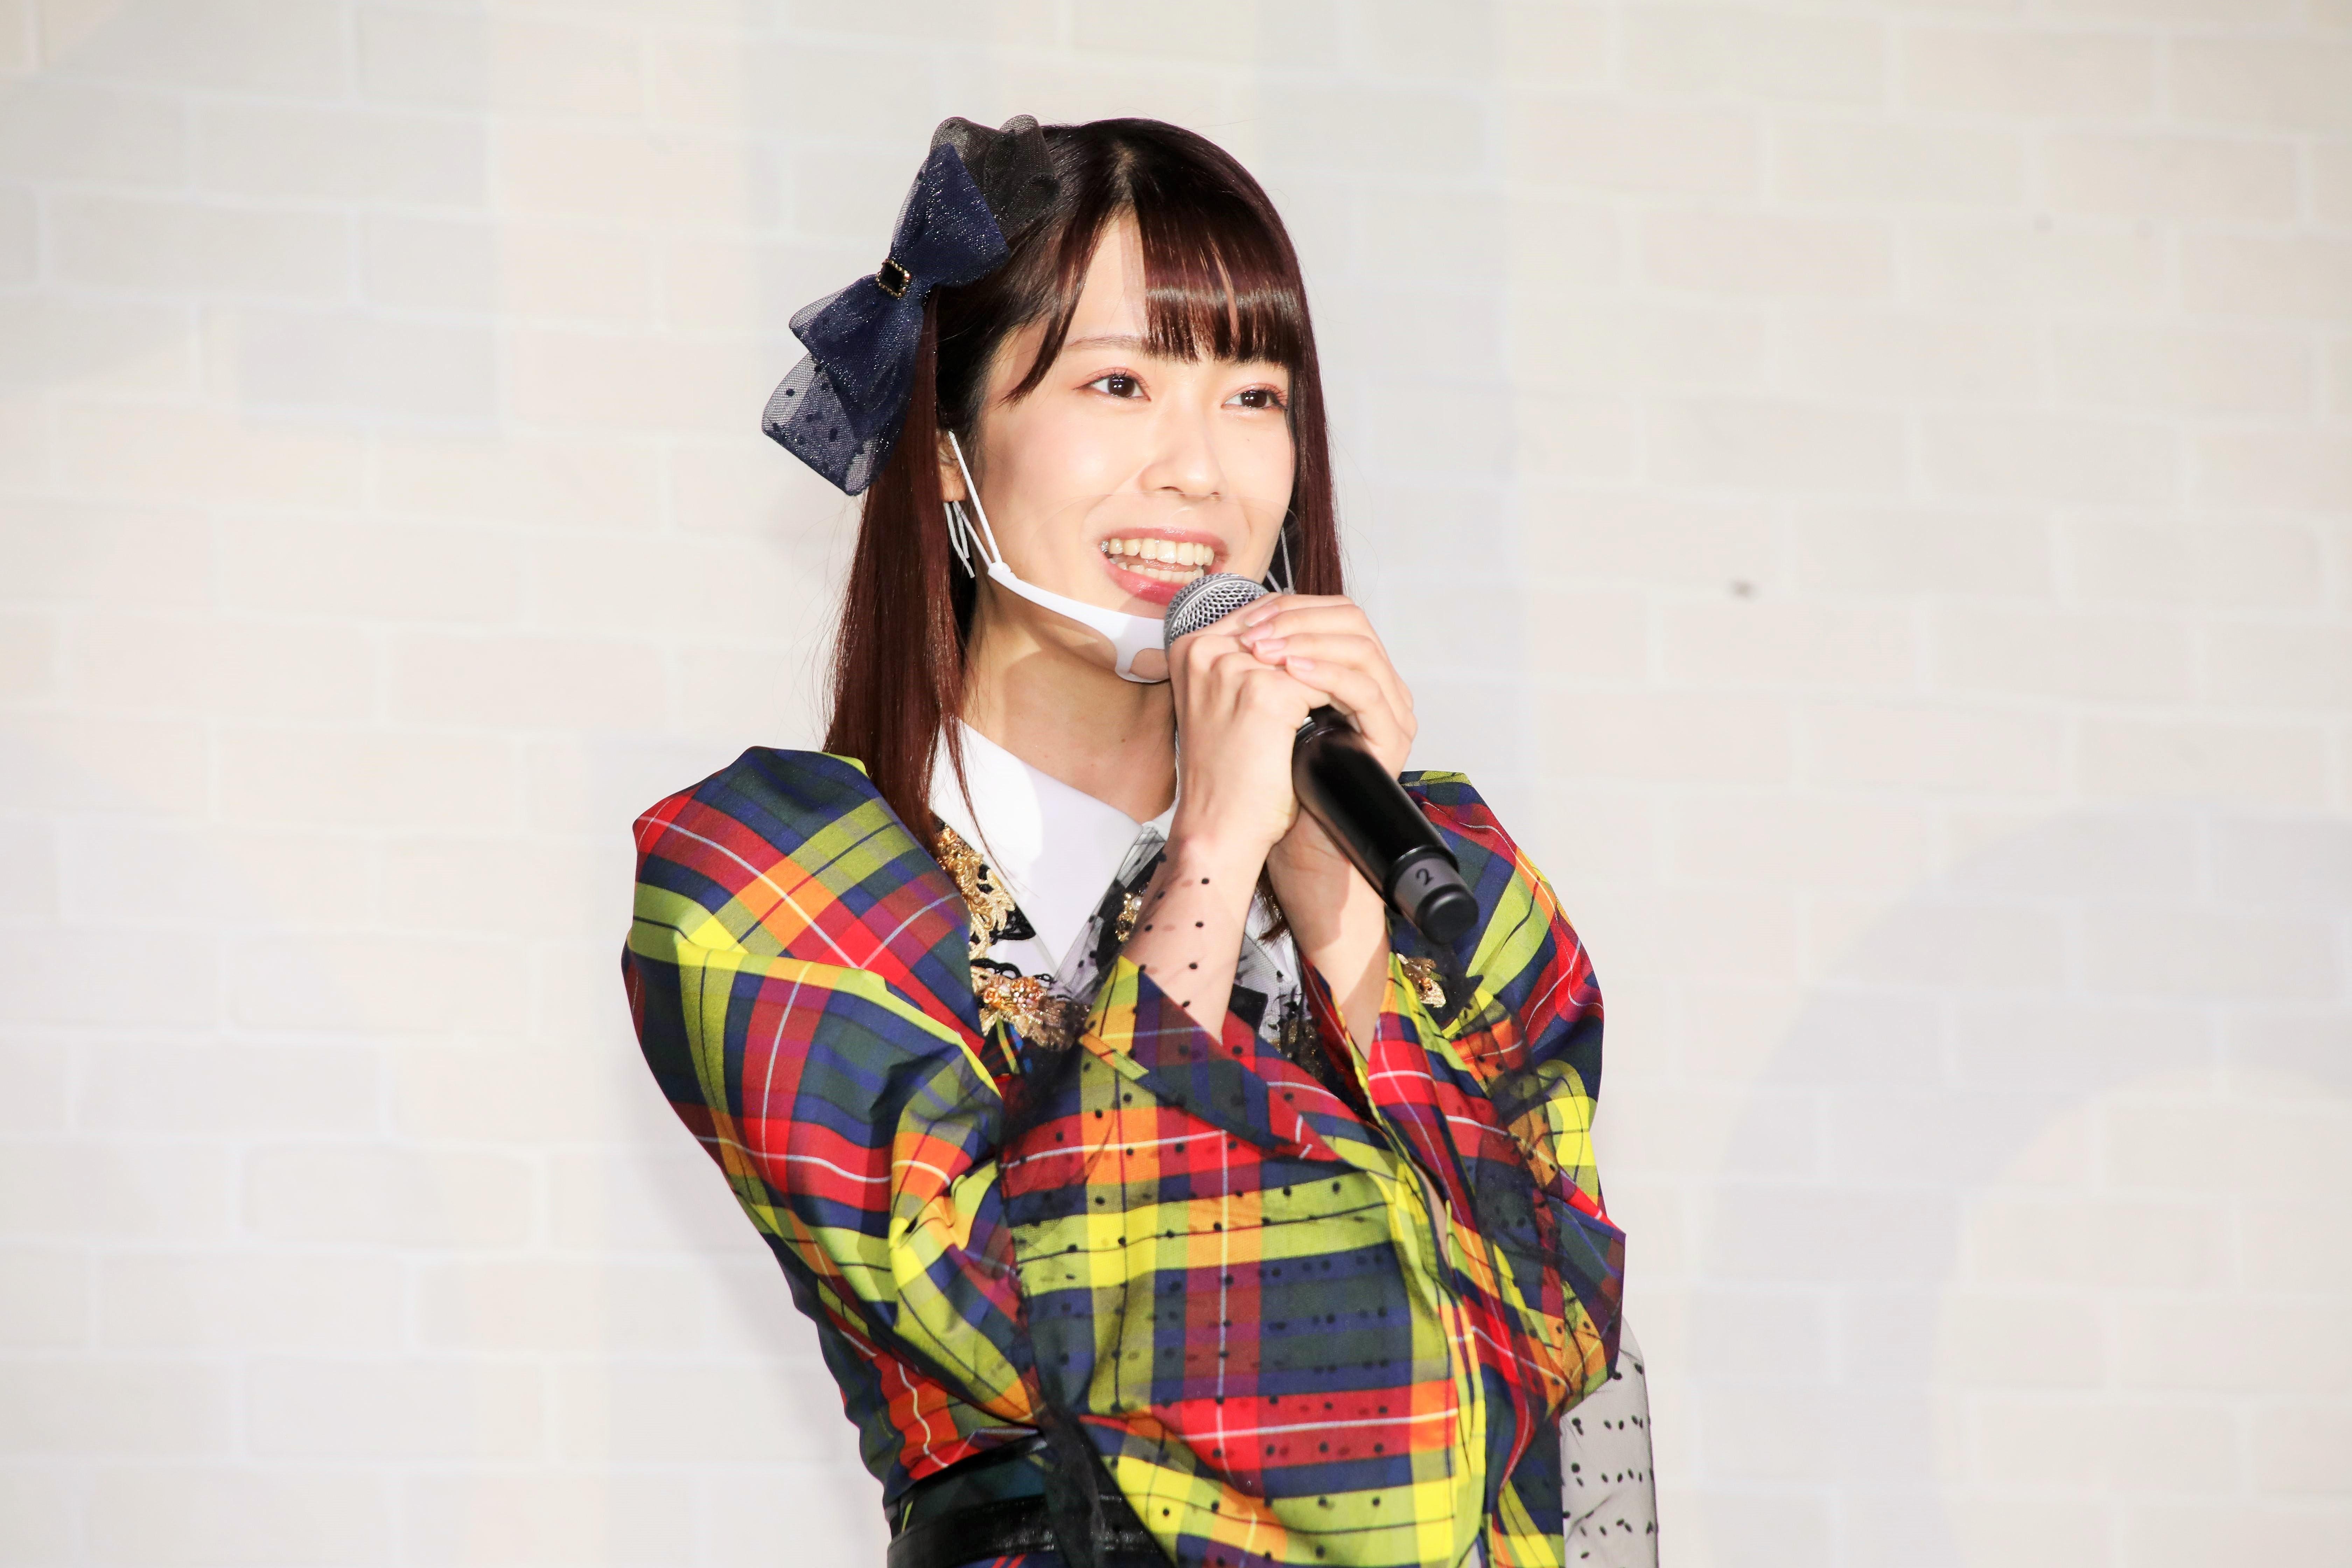 小田えりな「私は今までとは違う世界に行きたい!と思ってAKB48のオーディションに挑戦しました」